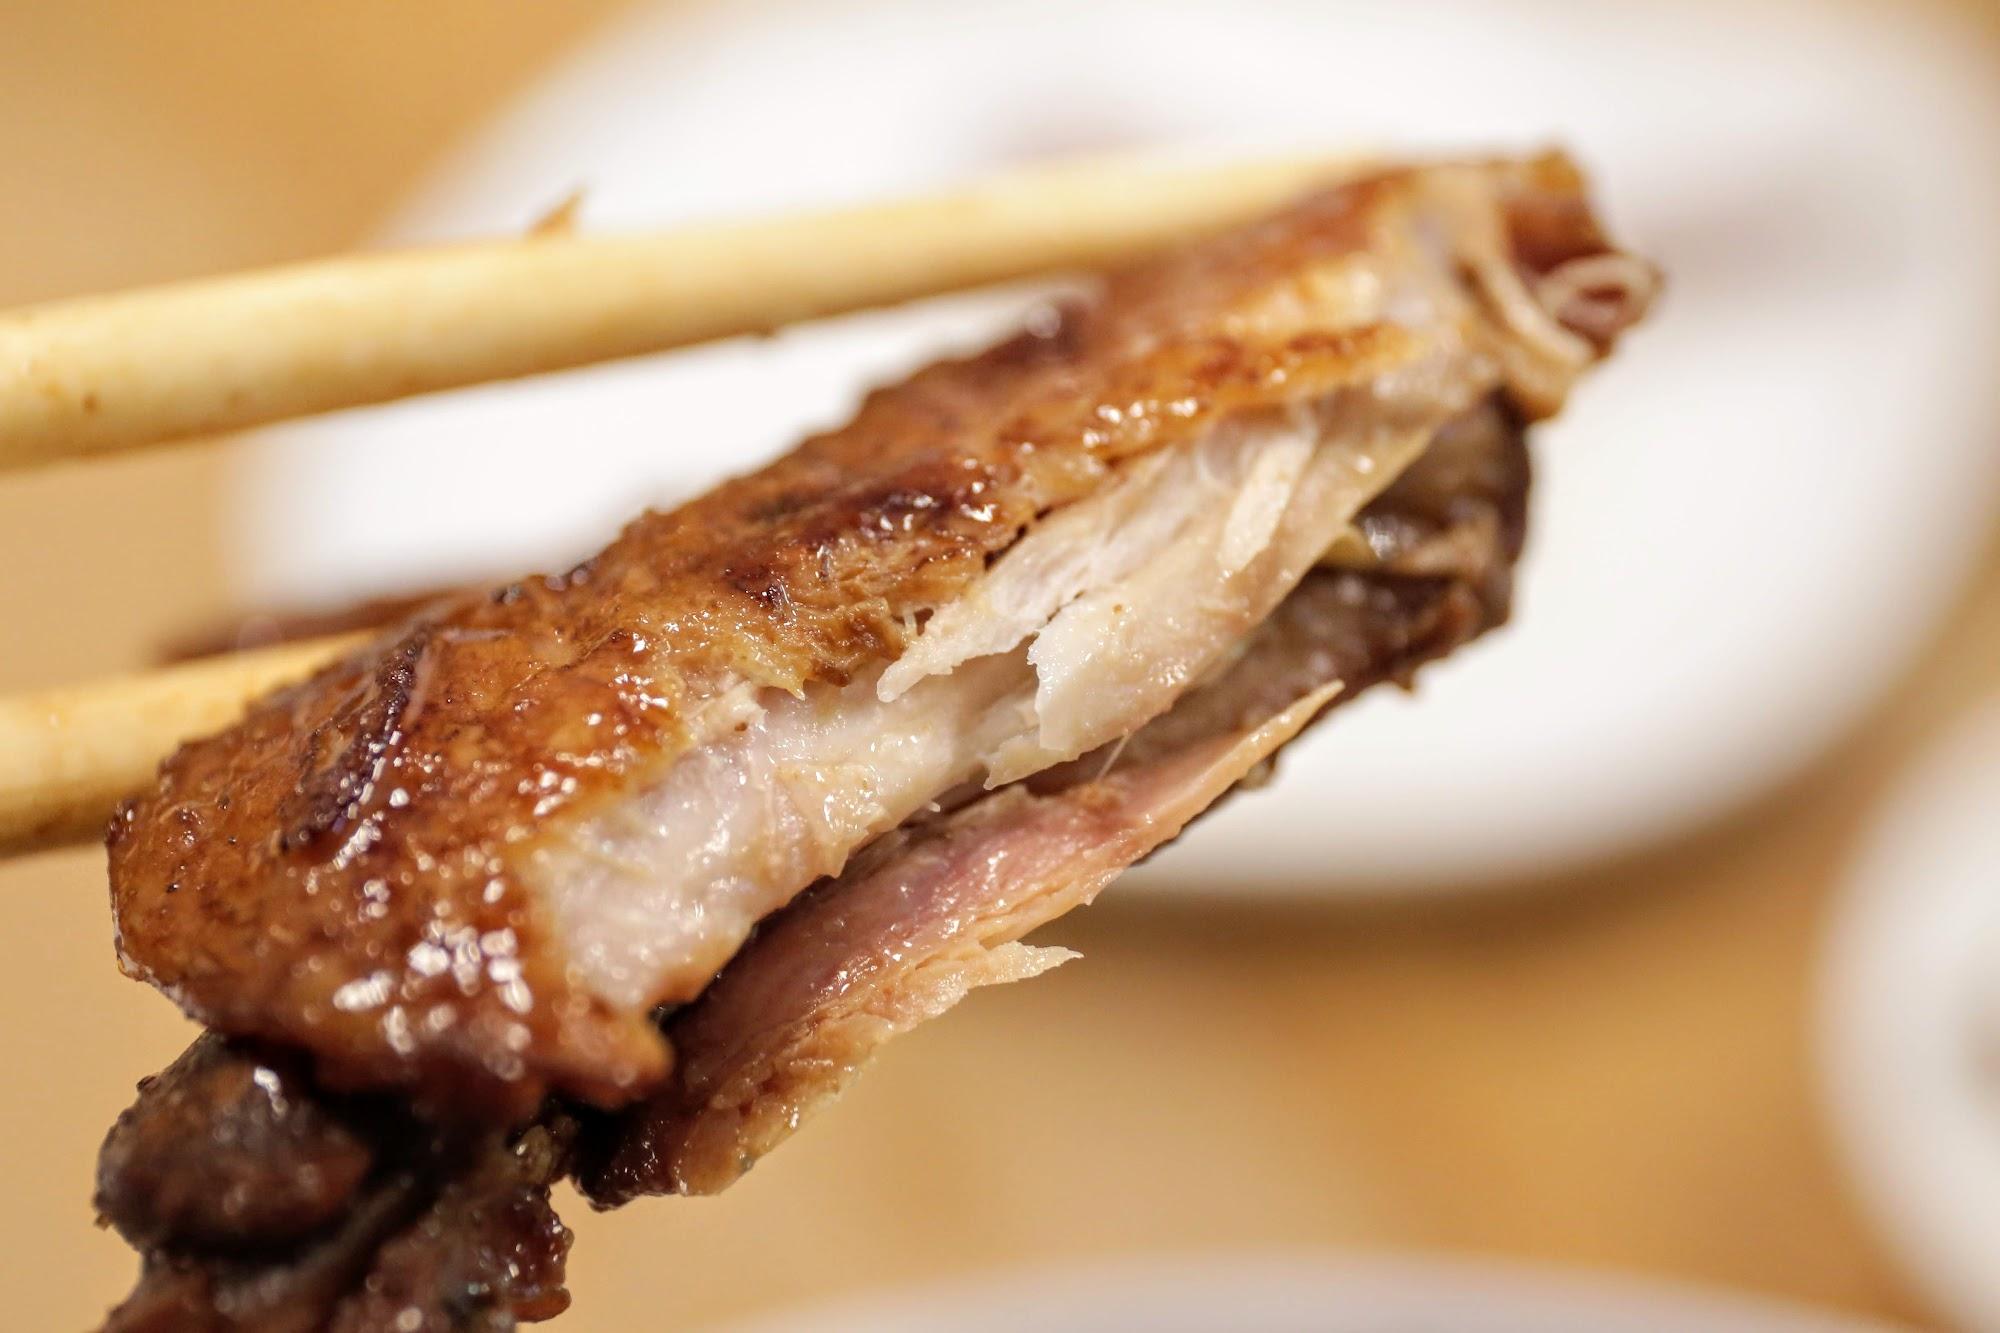 雞翅的醬汁跟剛剛滷味的醬汁很雷同,就是帶著一點鹹味和甜味的醬汁,重點是雞翅的肉和骨頭,幾乎一咬就整個劃開啊...